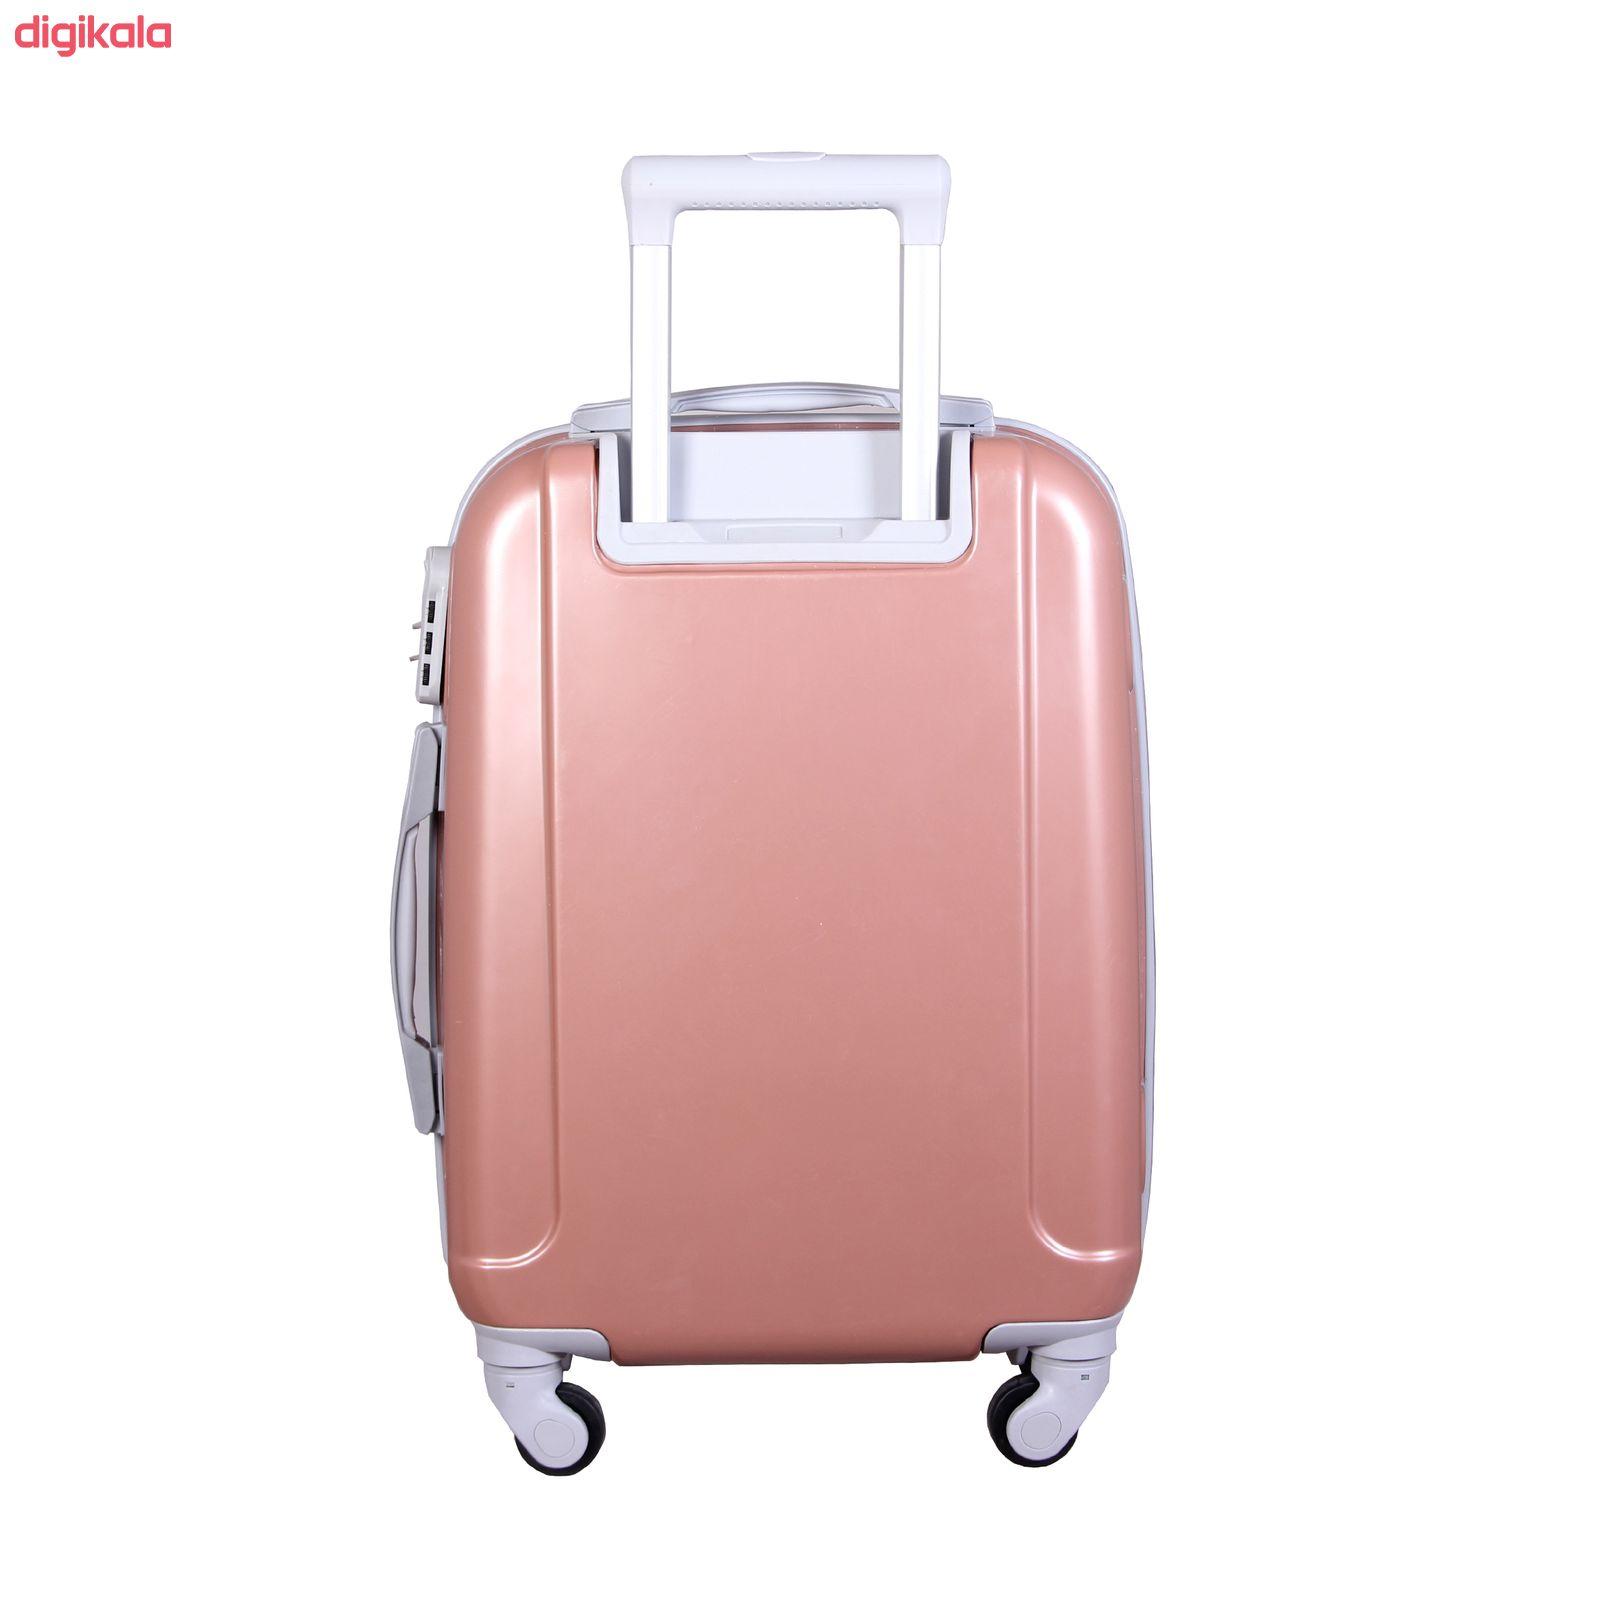 مجموعه سه عدی چمدان مدل 300 main 1 5